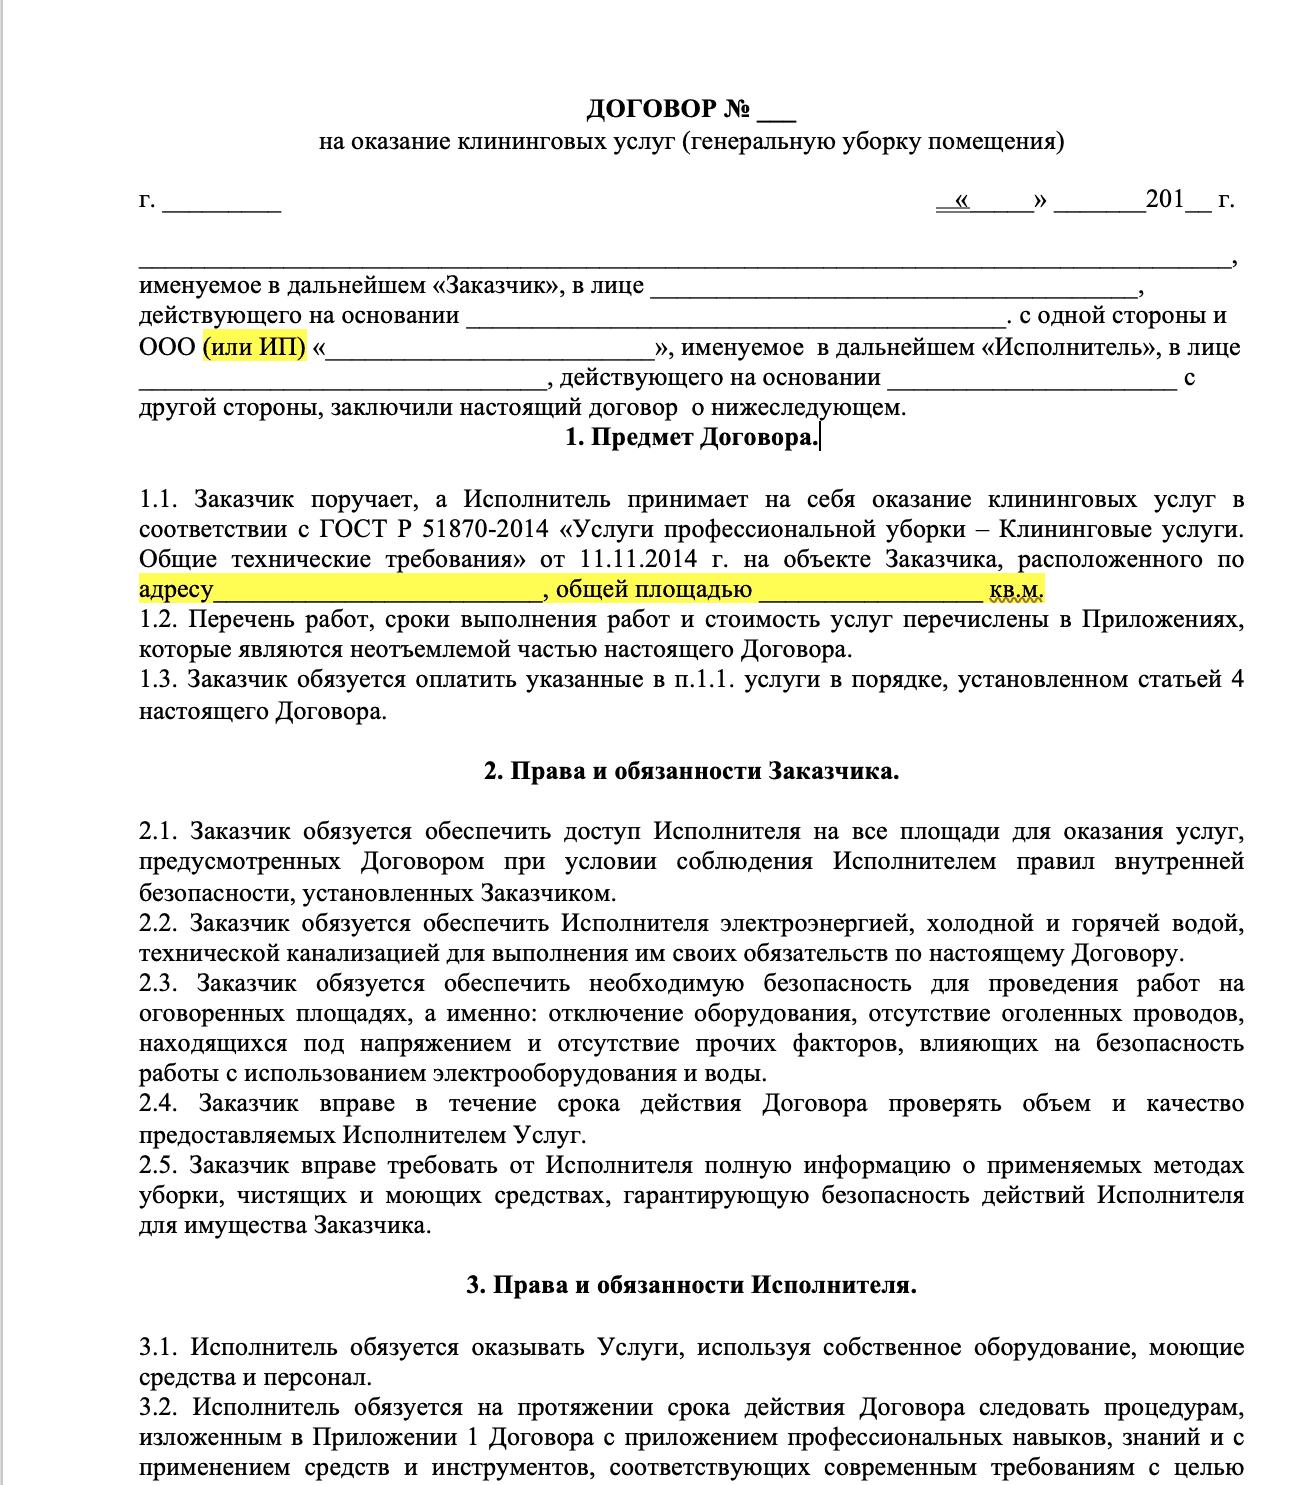 Договор на Генеральную уборку шаблон.doc